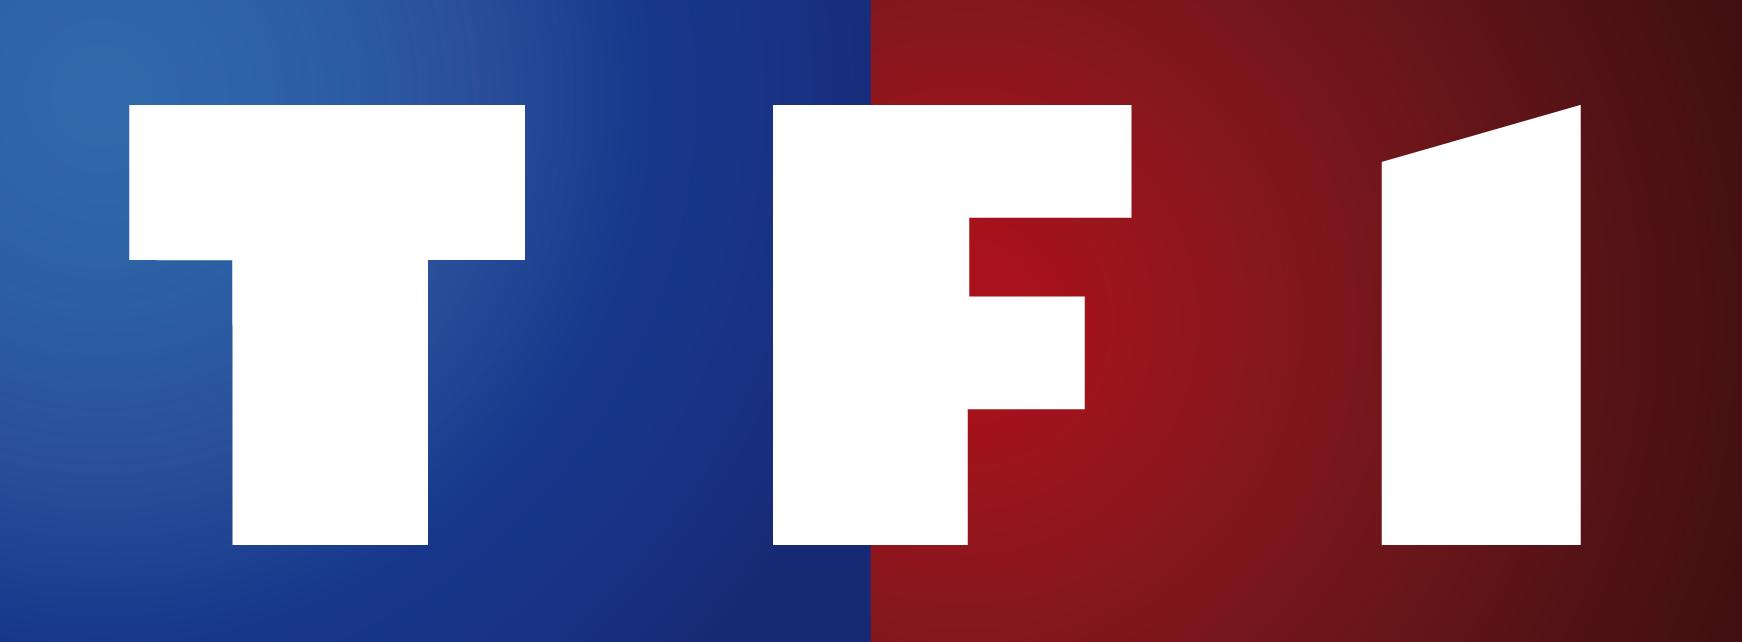 Tf1 entreprises rach te l 39 diteur de jeu for Entreprise dujardin